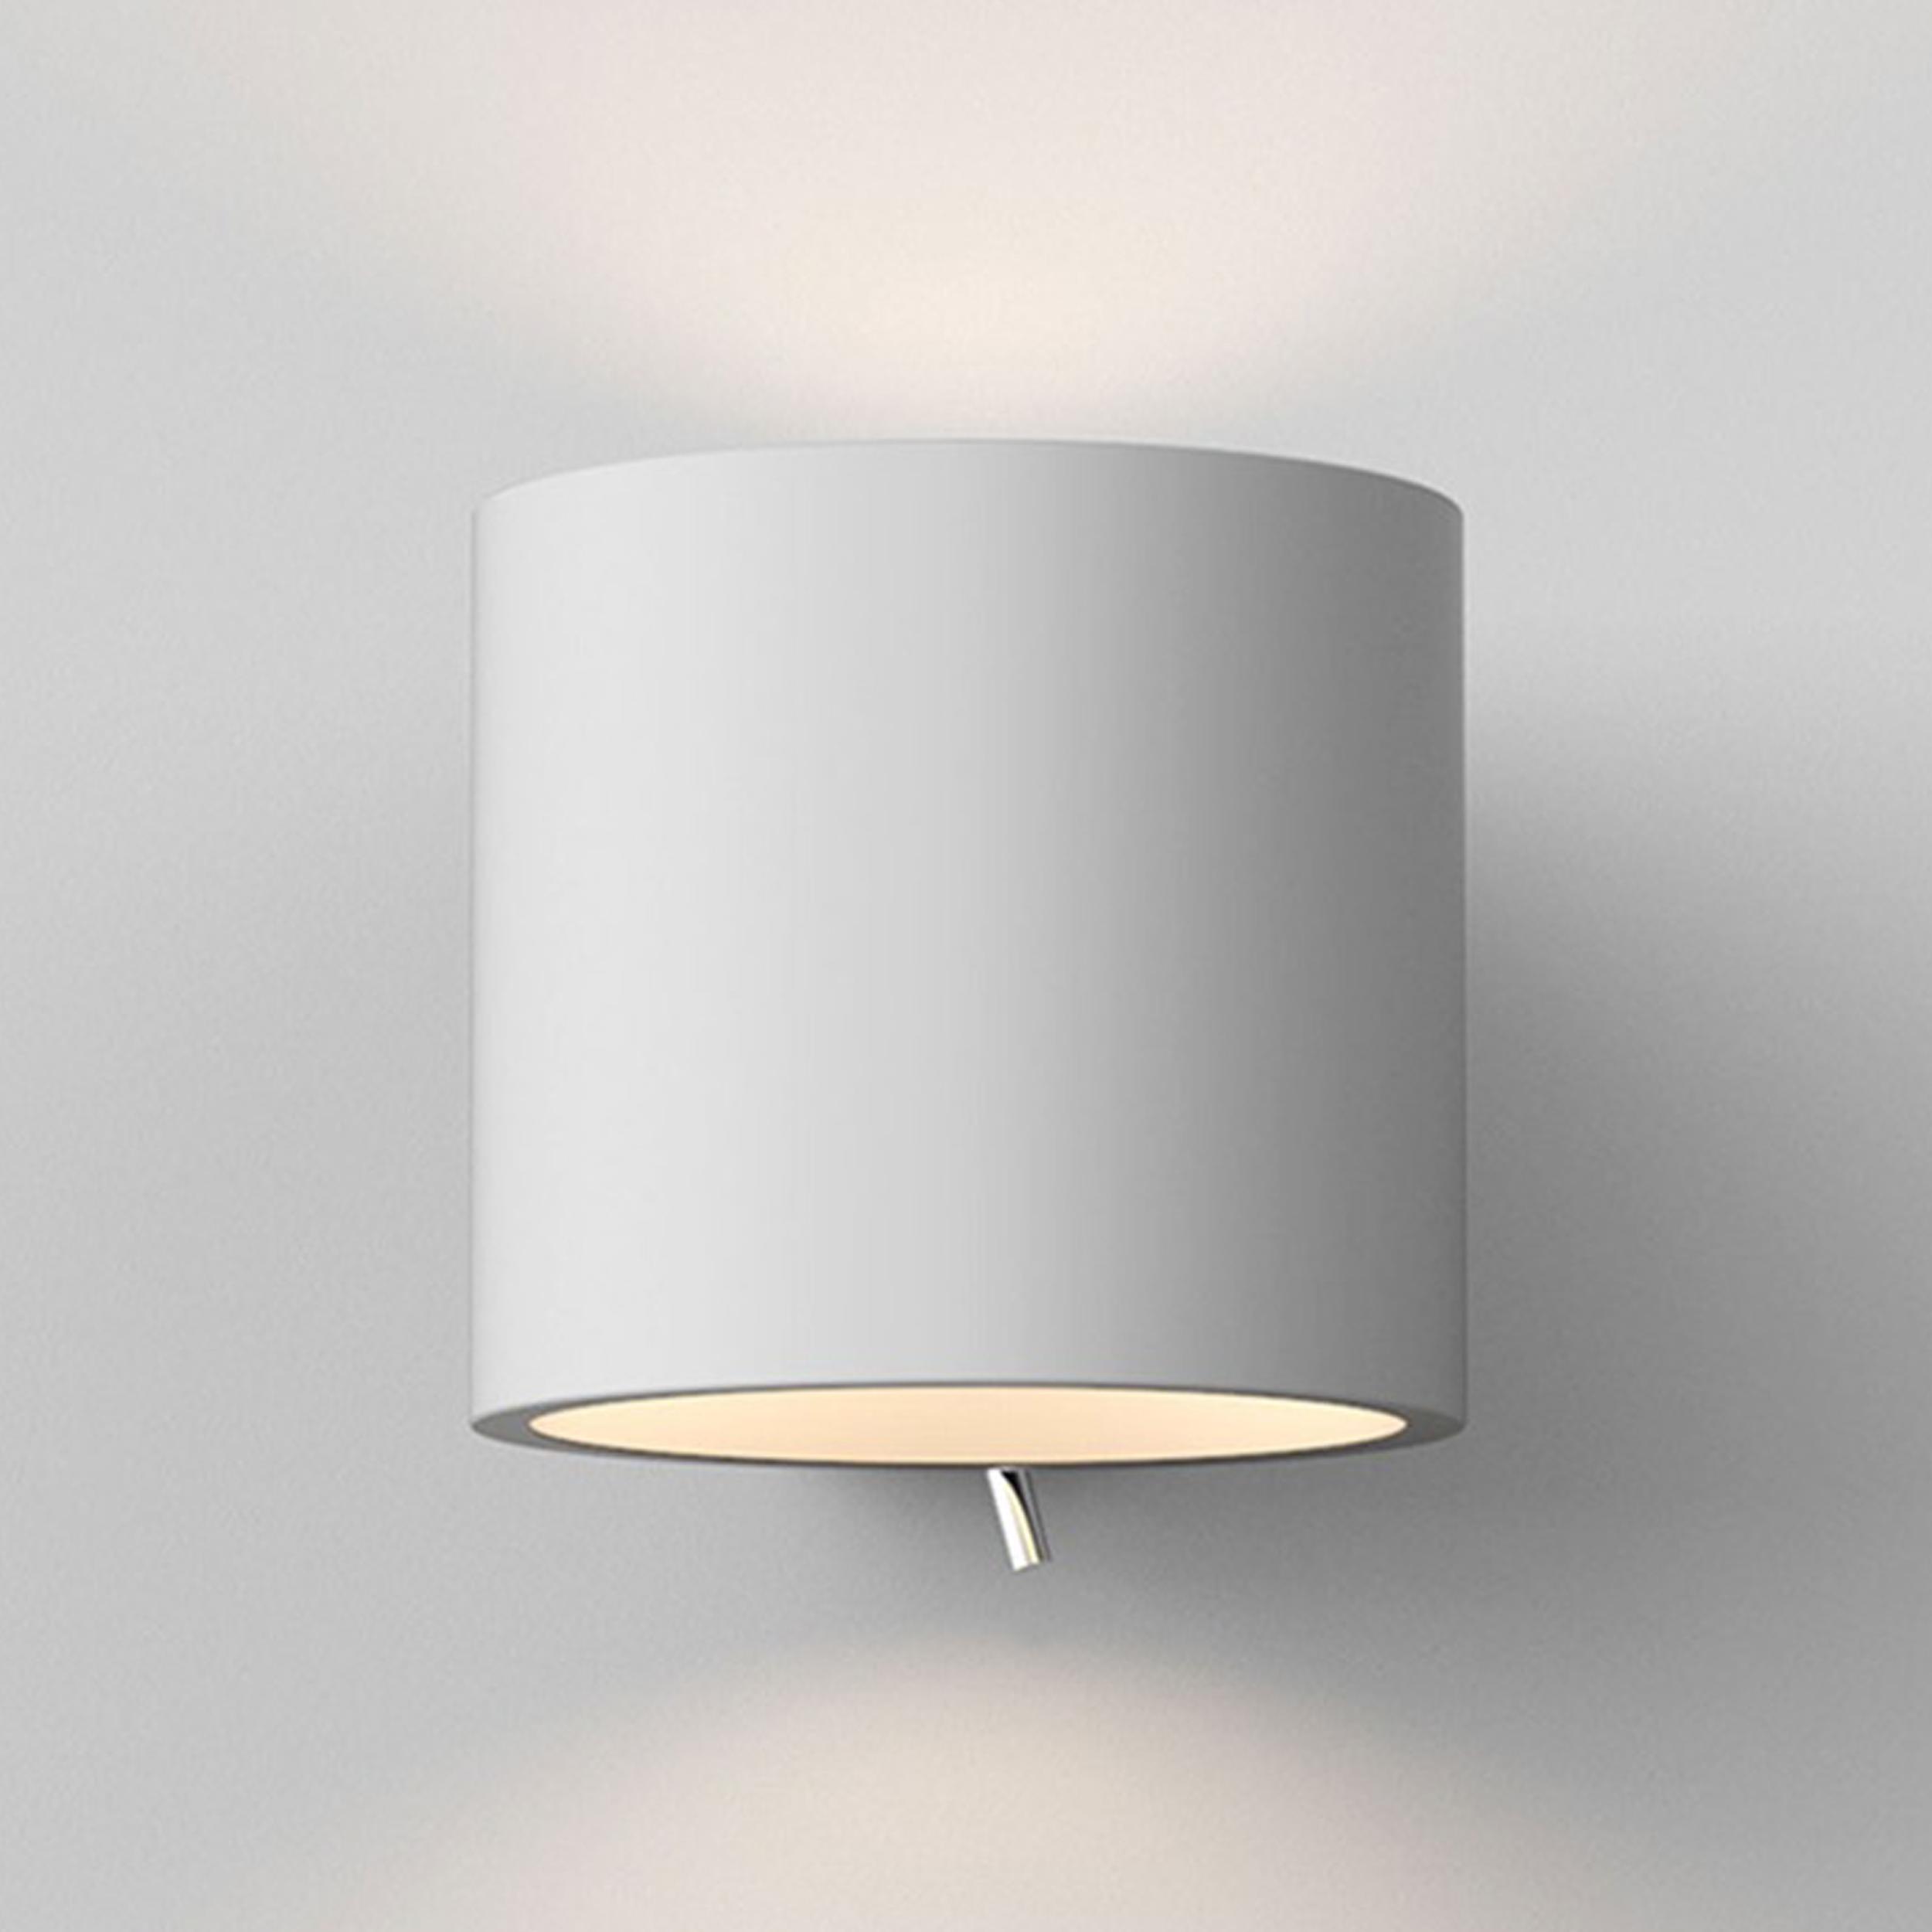 Astro Brenta 130 Wall Light White Plaster D